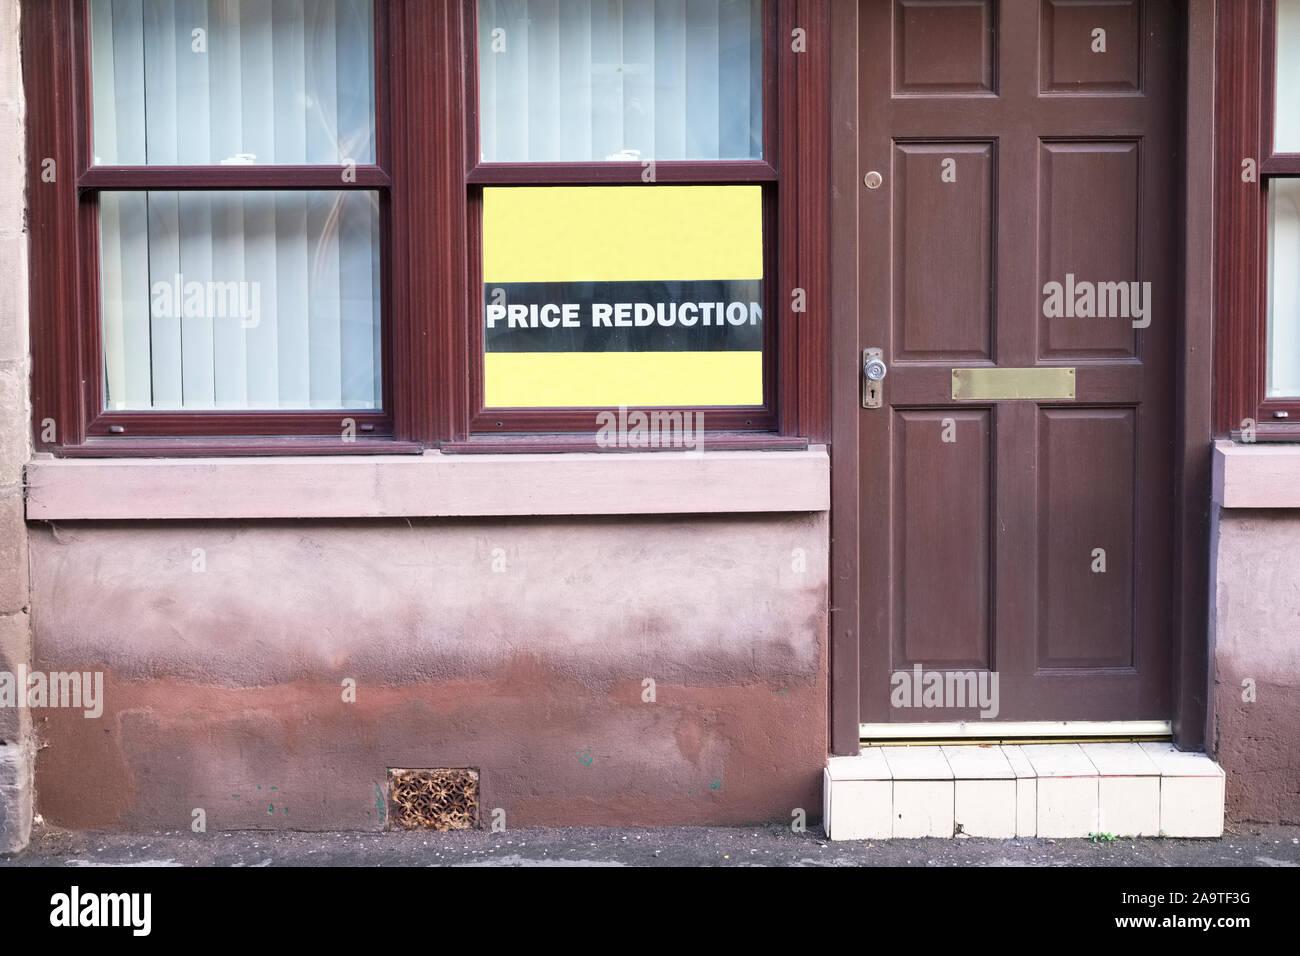 Haus Preis Reduzierung der Armen Rat Stadt mit Bevölkerung rückläufig Stockfoto